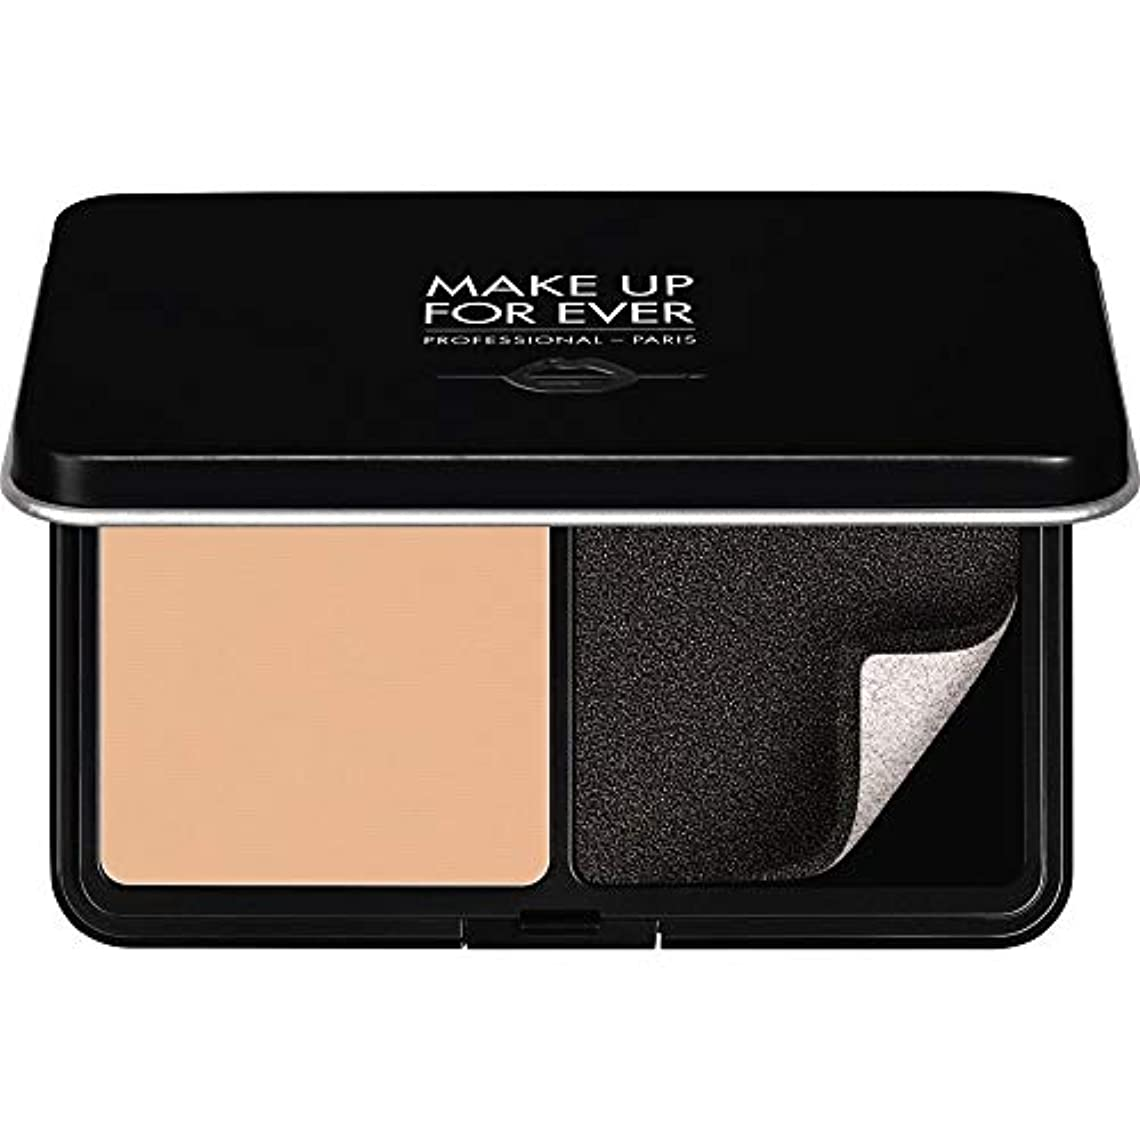 データベース加速度ベーカリー[MAKE UP FOR EVER ] パウダーファンデーション11GののR230をぼかし、これまでマットベルベットの肌を補う - アイボリー - MAKE UP FOR EVER Matte Velvet Skin Blurring...